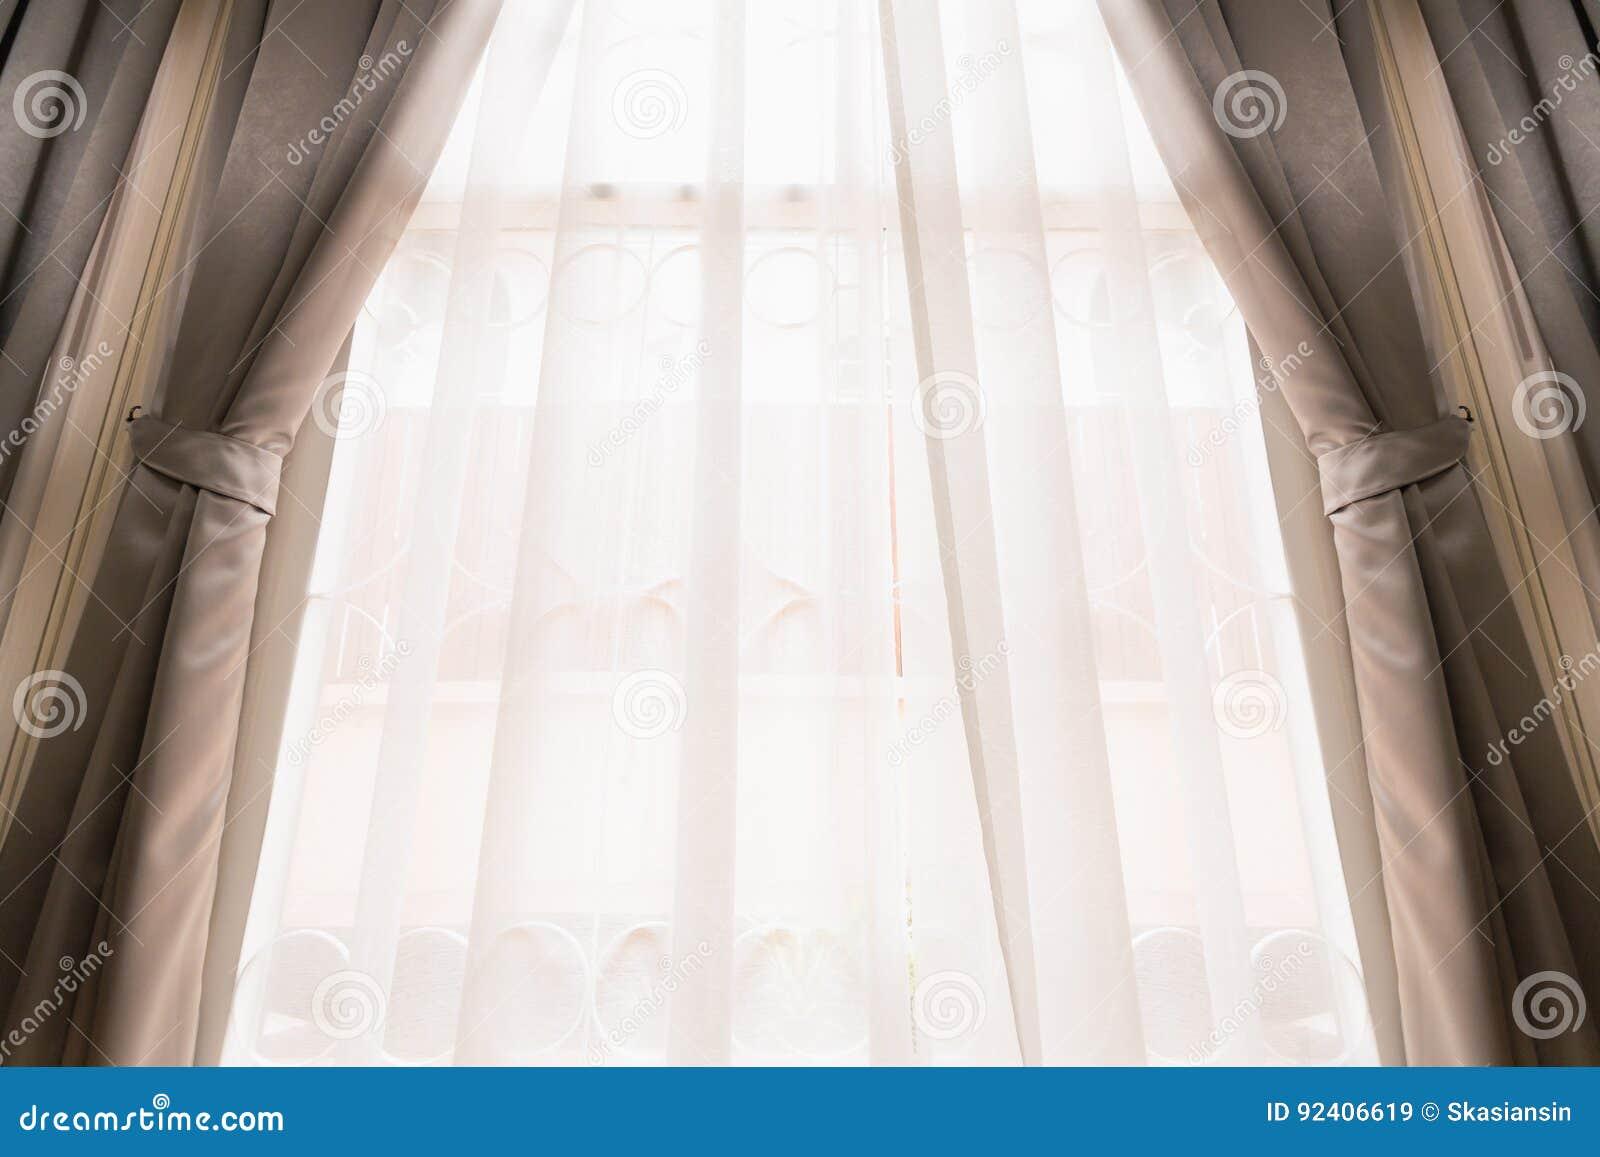 Rideau sur la fenêtre